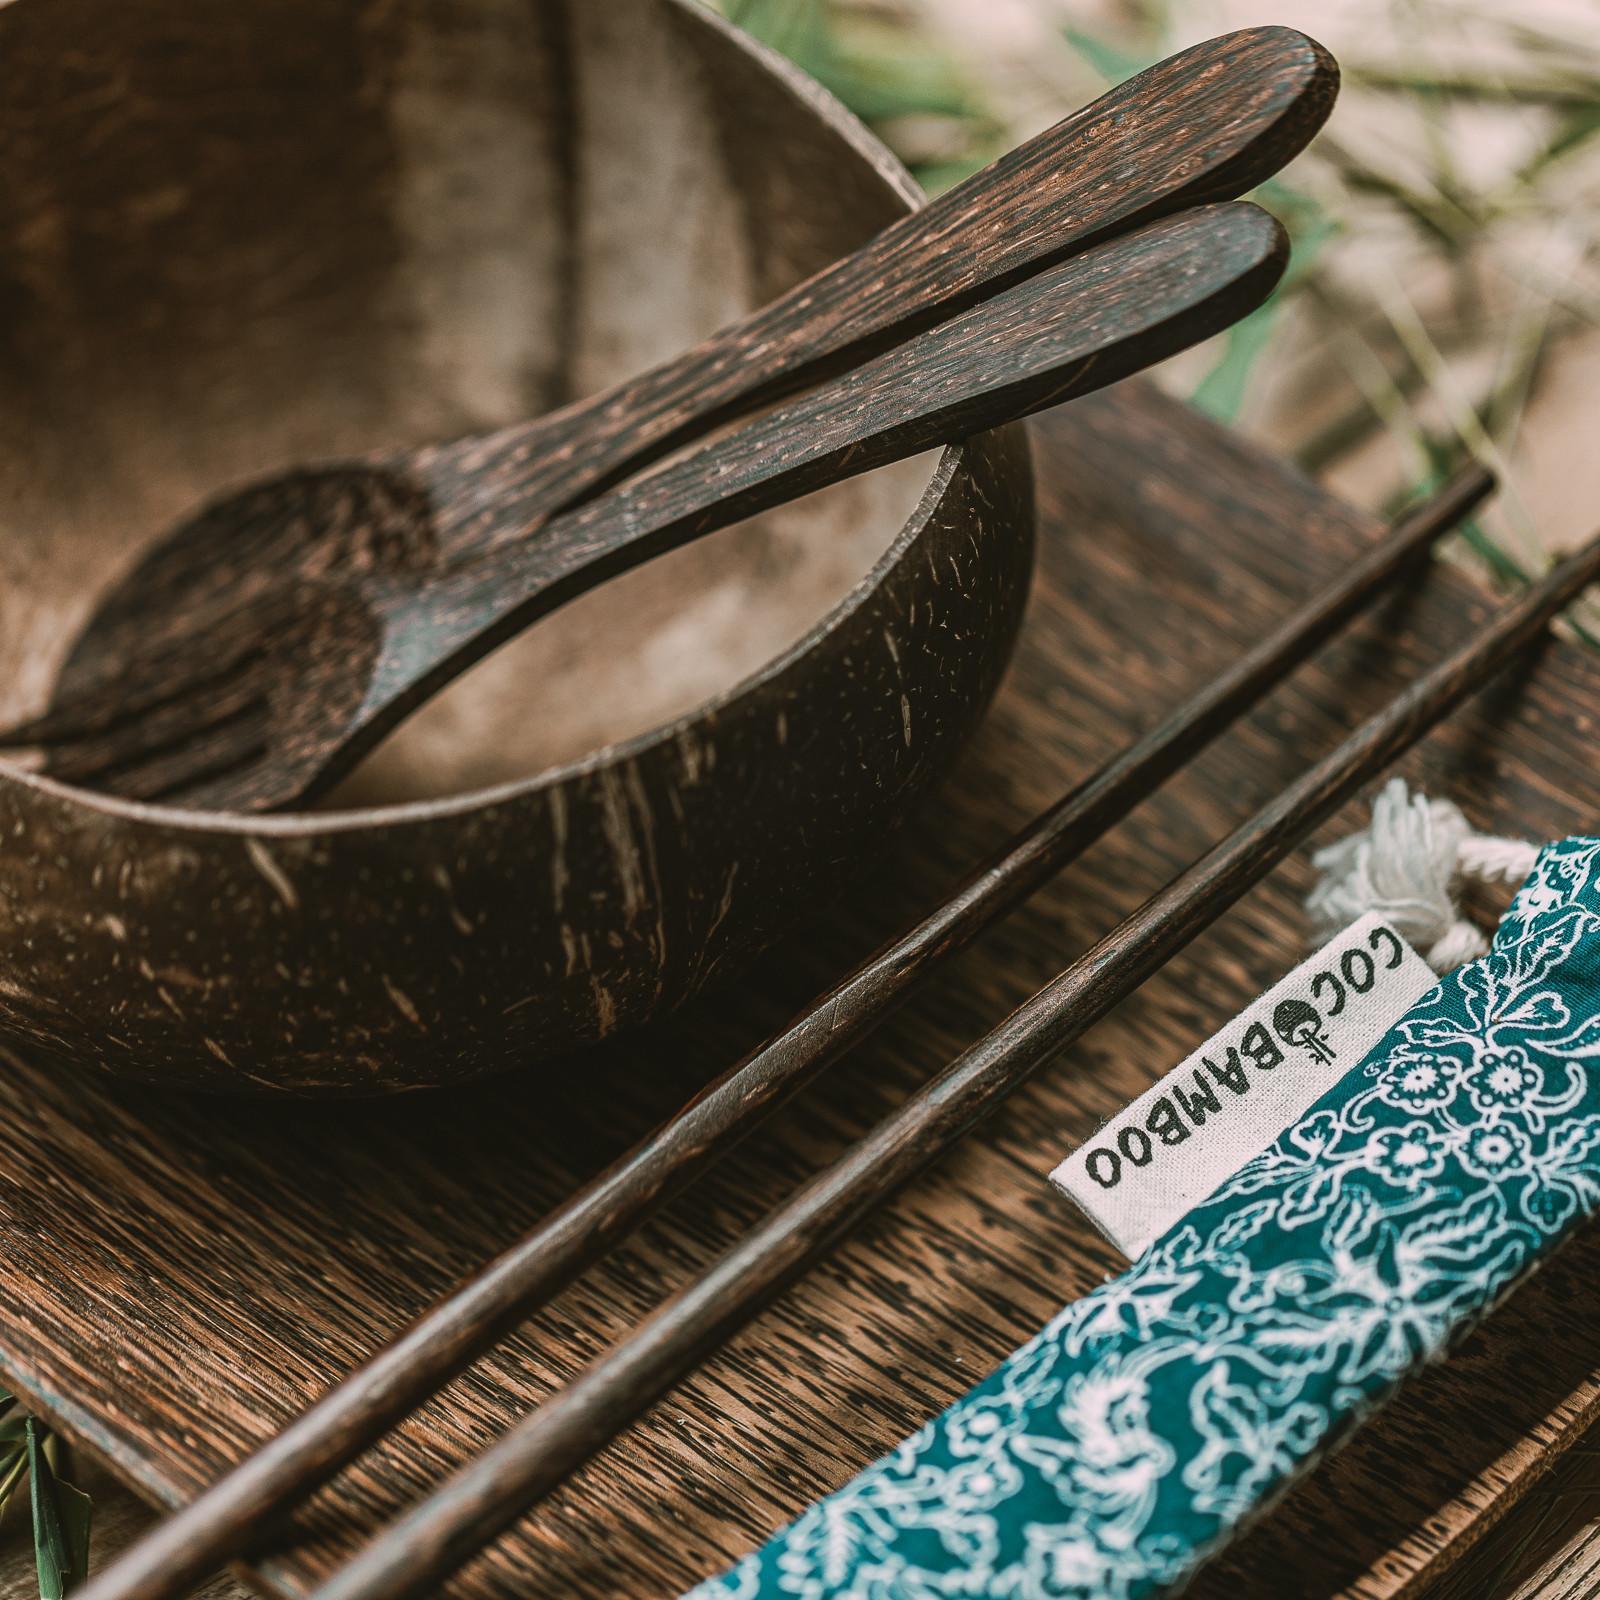 """Każdy element naszych kokosowych zestawów to prezent dla Ciebie od Natury. Każdy talerz, sztućce oraz każda pałeczki wykonane są ręcznie z odpadowych części palm kokosowych, a każda miseczka z łupin prawdziwych kokosów wyrzucanych jako odpad. Każdym swoim zakupem w naszym sklepie zmniejszasz ilość palonych łupin kokosów, pomagasz środowisku i wspierasz balijskich rzemieślników. Zestaw """"Besar"""" składa się z: talerza z drzewa kokosowego o rozmiarze 25 x 20 cm szlifowanej na gładko wewnątrz jak i na zewnątrz kokosowej miseczki """"Batukaru"""" (rozmiar: średnia; pojemność: około 500-600 ml; kolor: naturalny, nieprzetworzony; wymiary: średnica 12-13 cm, wysokość 7-8 cm) kokosowej pary sztućców """"Canggu"""" o długości około 18 cm pary kokosowych pałeczek dwóch bambusowych słomek w bawełnianym woreczku Wszystkie produkty są:  100% naturalne łatwe do czyszczenia wielokrotnego użytku przyjazne dla środowiska WAŻNE! - Nie używajcie misek w mikrofalówkach, wyparzarkach, piekarniku lub zamrażalniku, poniewa"""